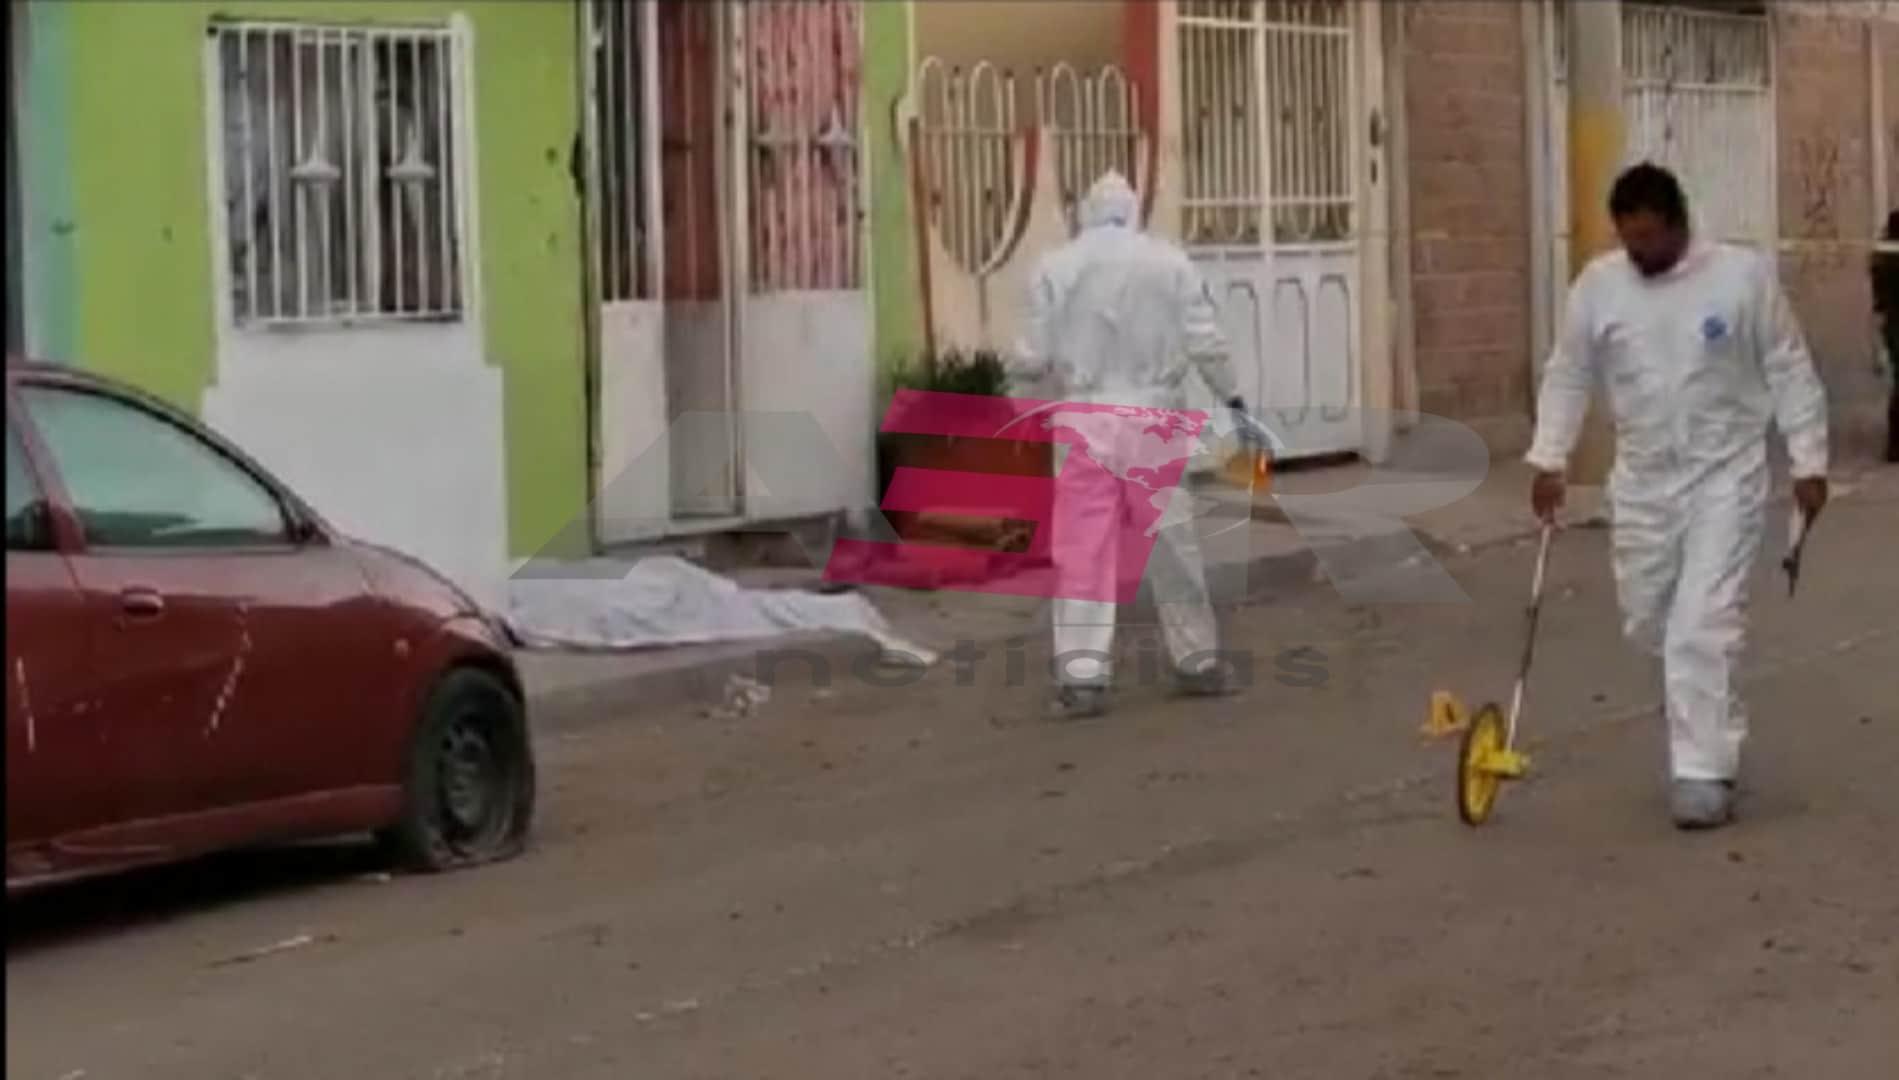 Registra Irapuato 40 víctimas por homicidio doloso en marzo. 1